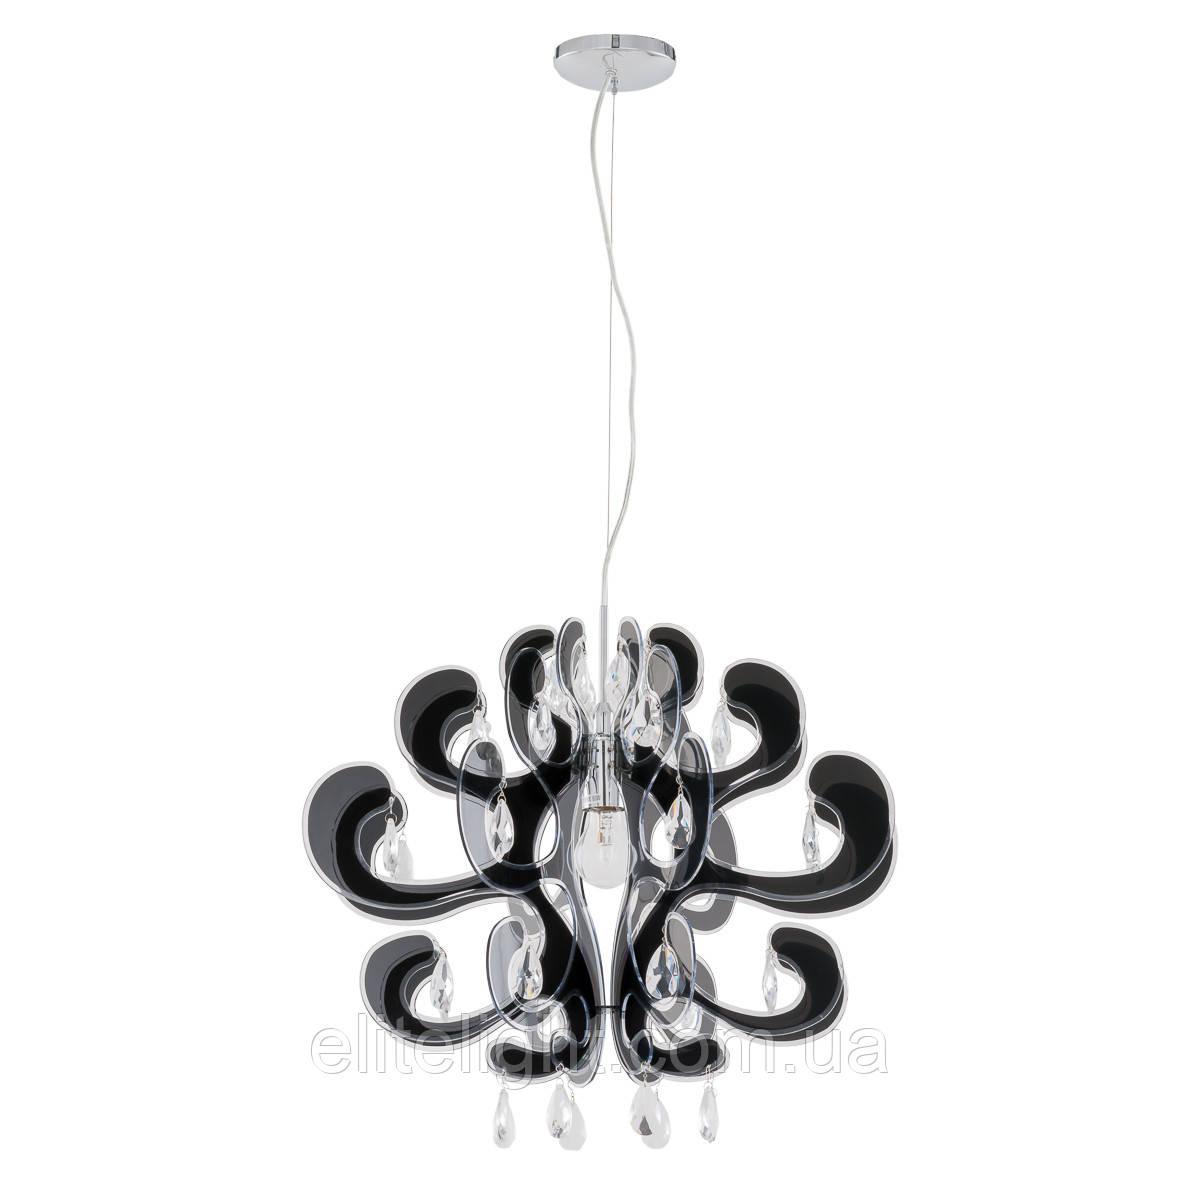 Подвесной светильник Italux Emporio V2305-BL